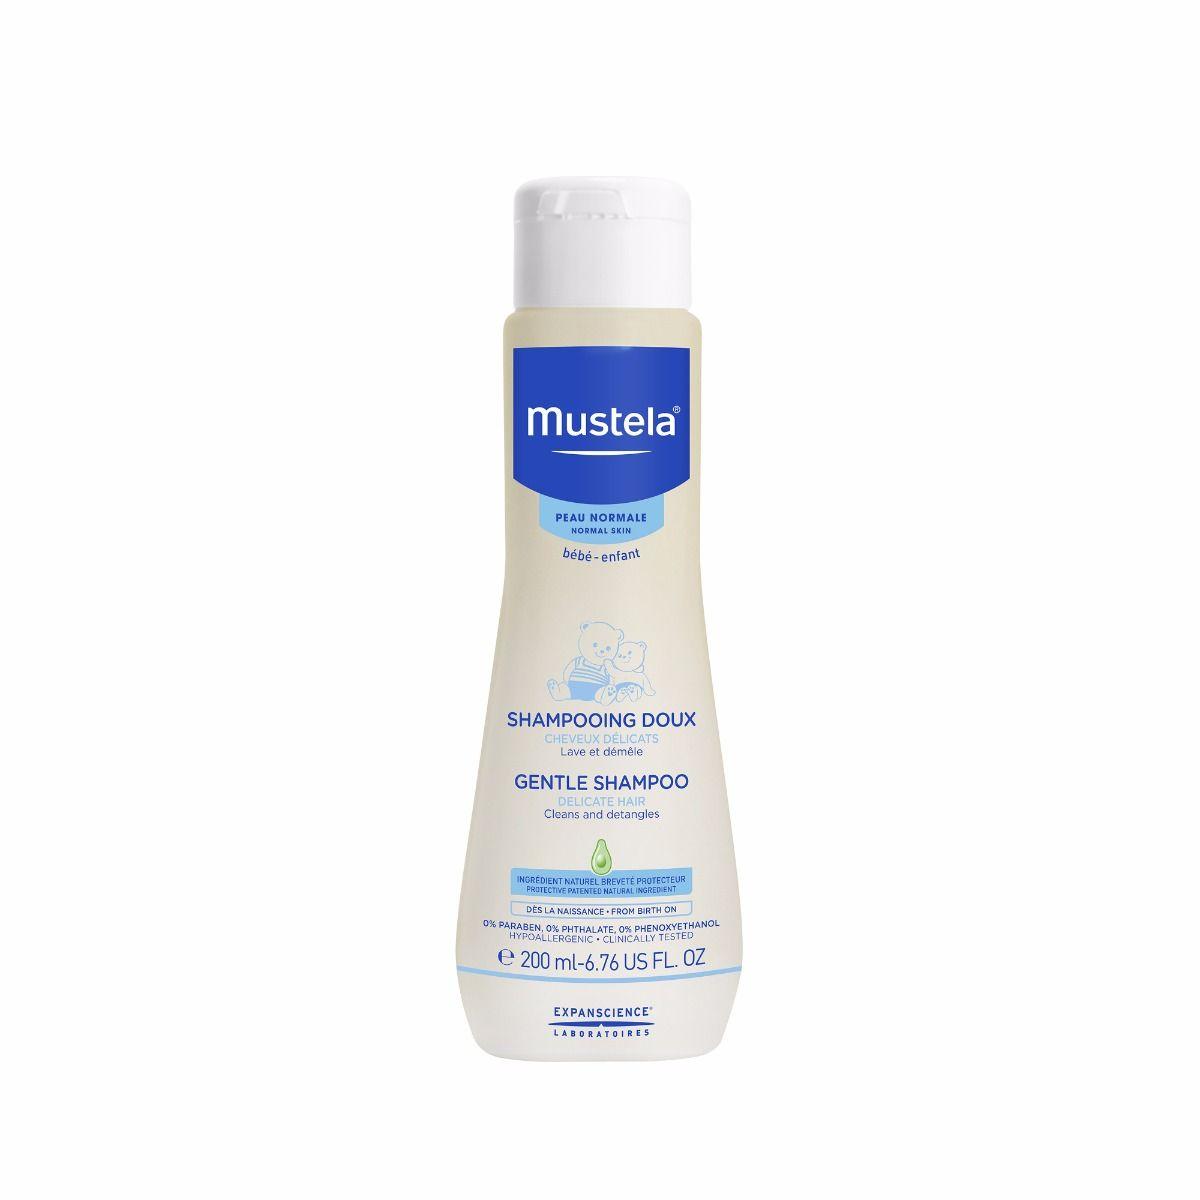 mustela_gentle-shampoo.jpg